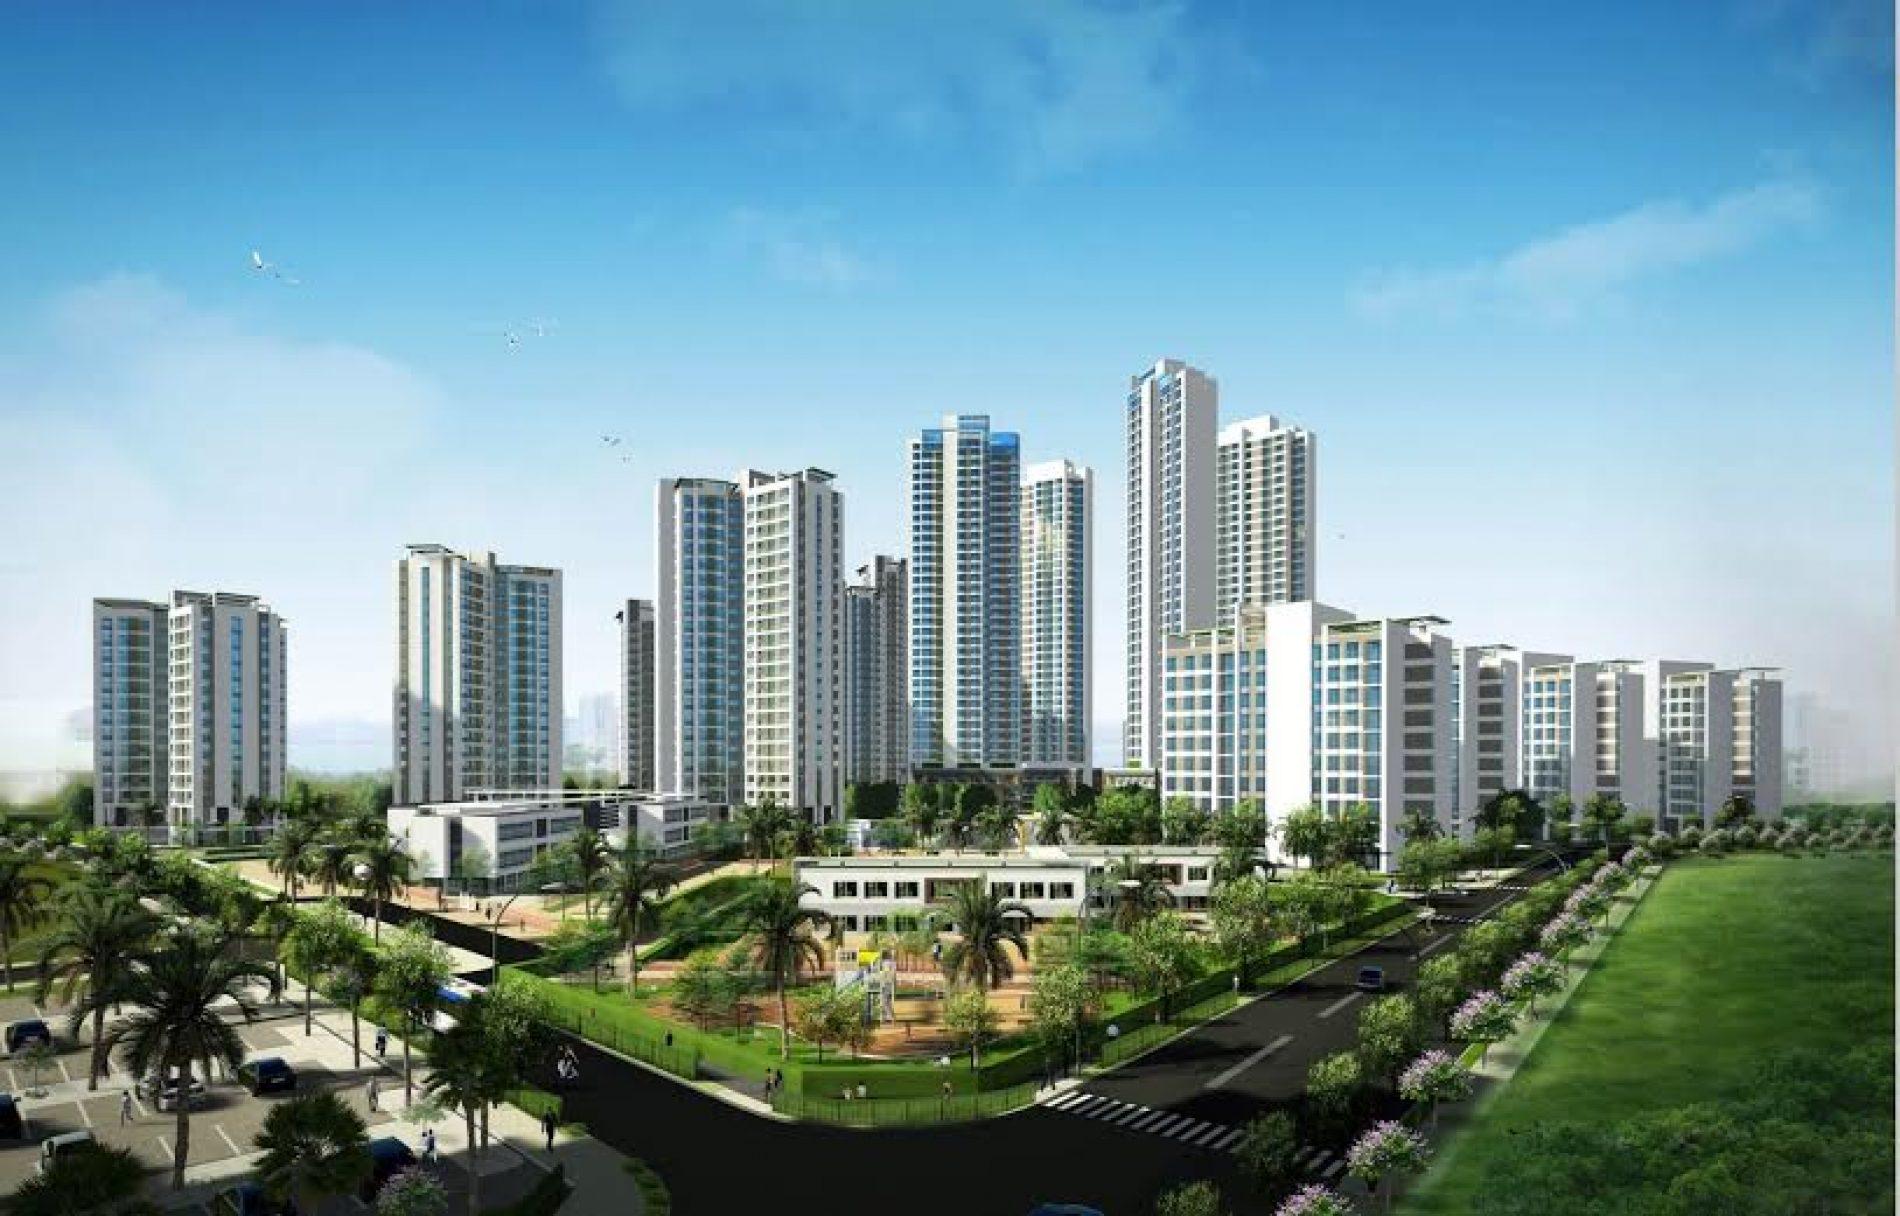 Chung Cư Hồng Hà Eco City Khu Đô Thị Mới Tứ Hiệp